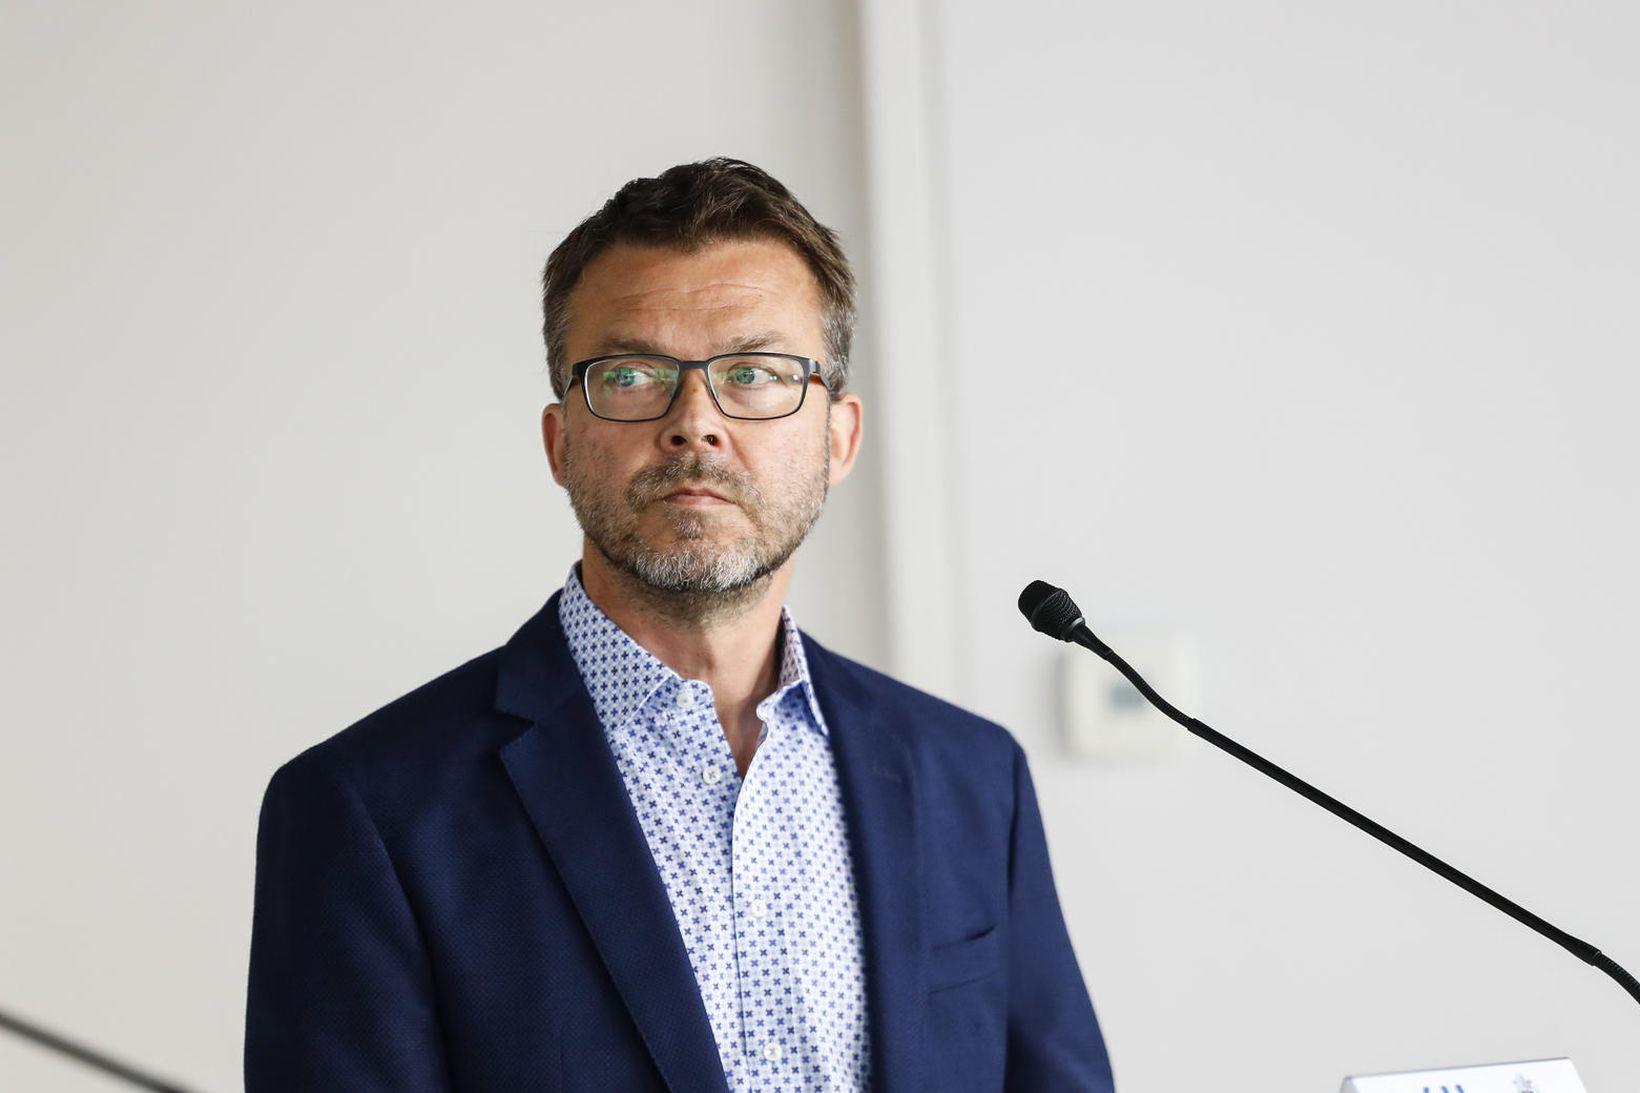 Páll Þórhallsson verkefnastjóri í forsætisráðuneytinu.